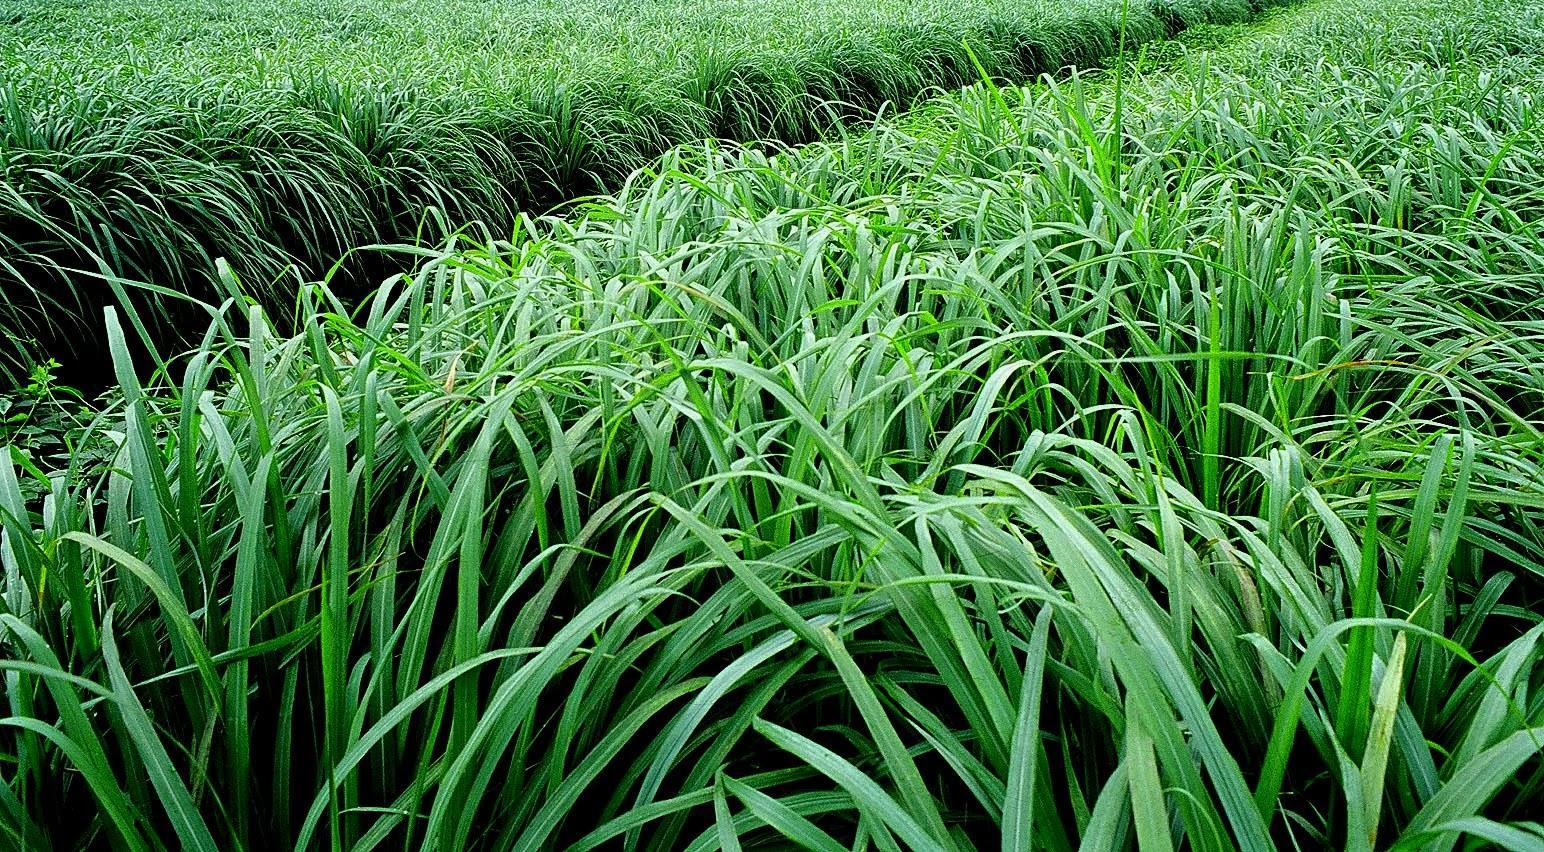 Hạt cỏ MOMBASA GHINE - CỎ SẢ LÁ LỚN 500G